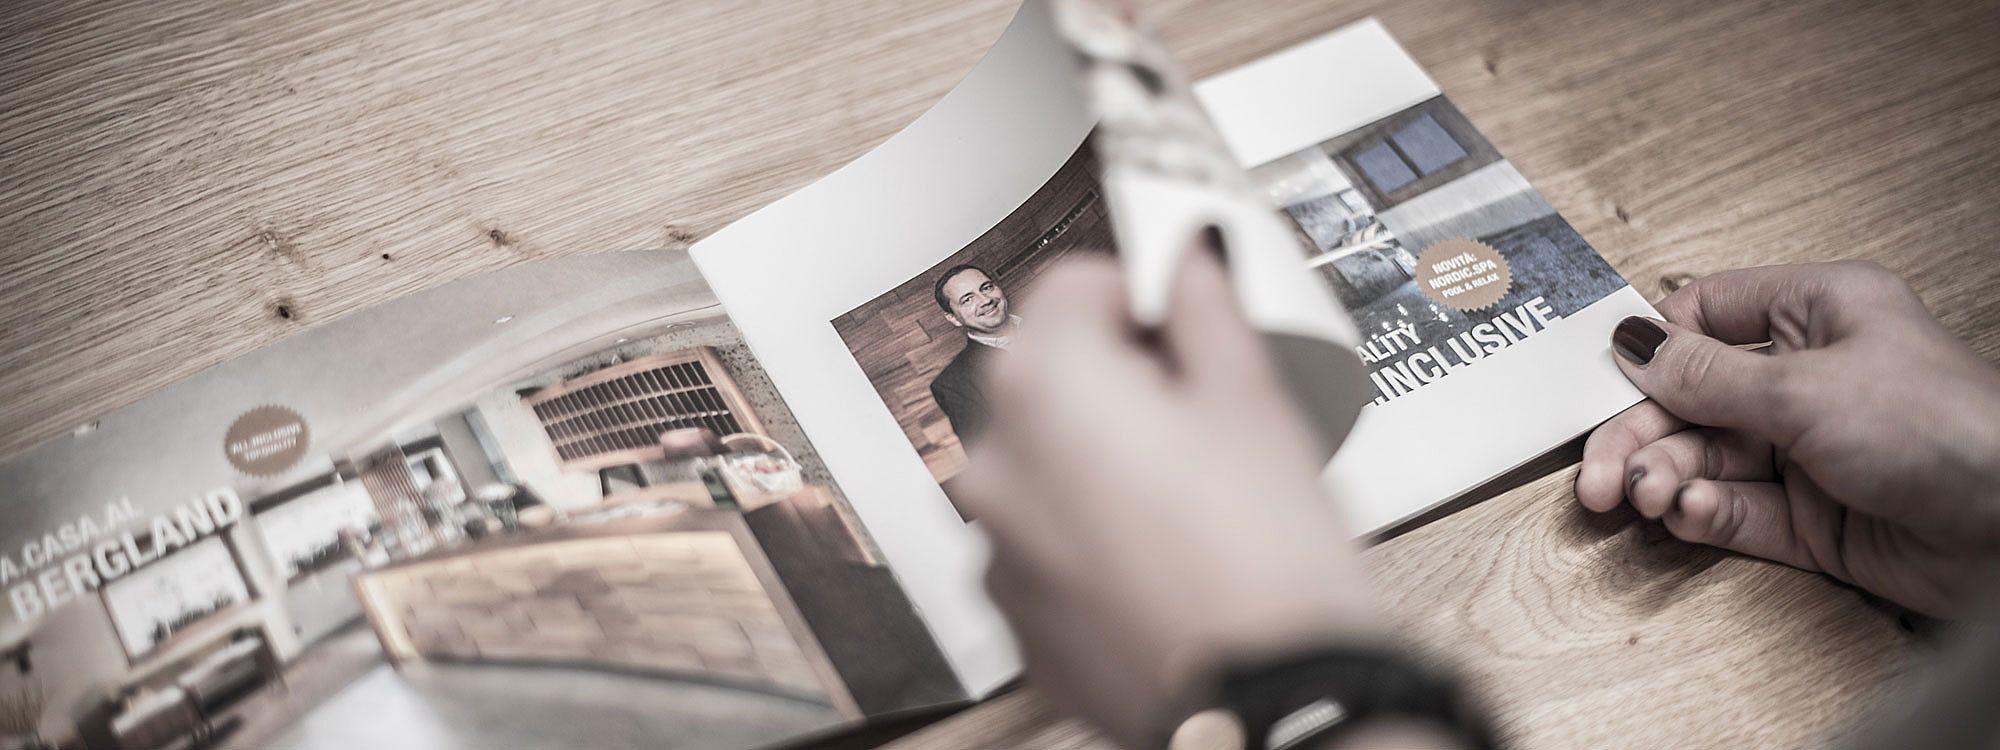 Vertrauen Sie Ihre Drucksorten dem Profi an: ProKontakt GmbH mit Sitz in Innsbruck und Hallein bei Salzburg ist die Fullservice-Agentur für den anspruchsvollen Touristiker